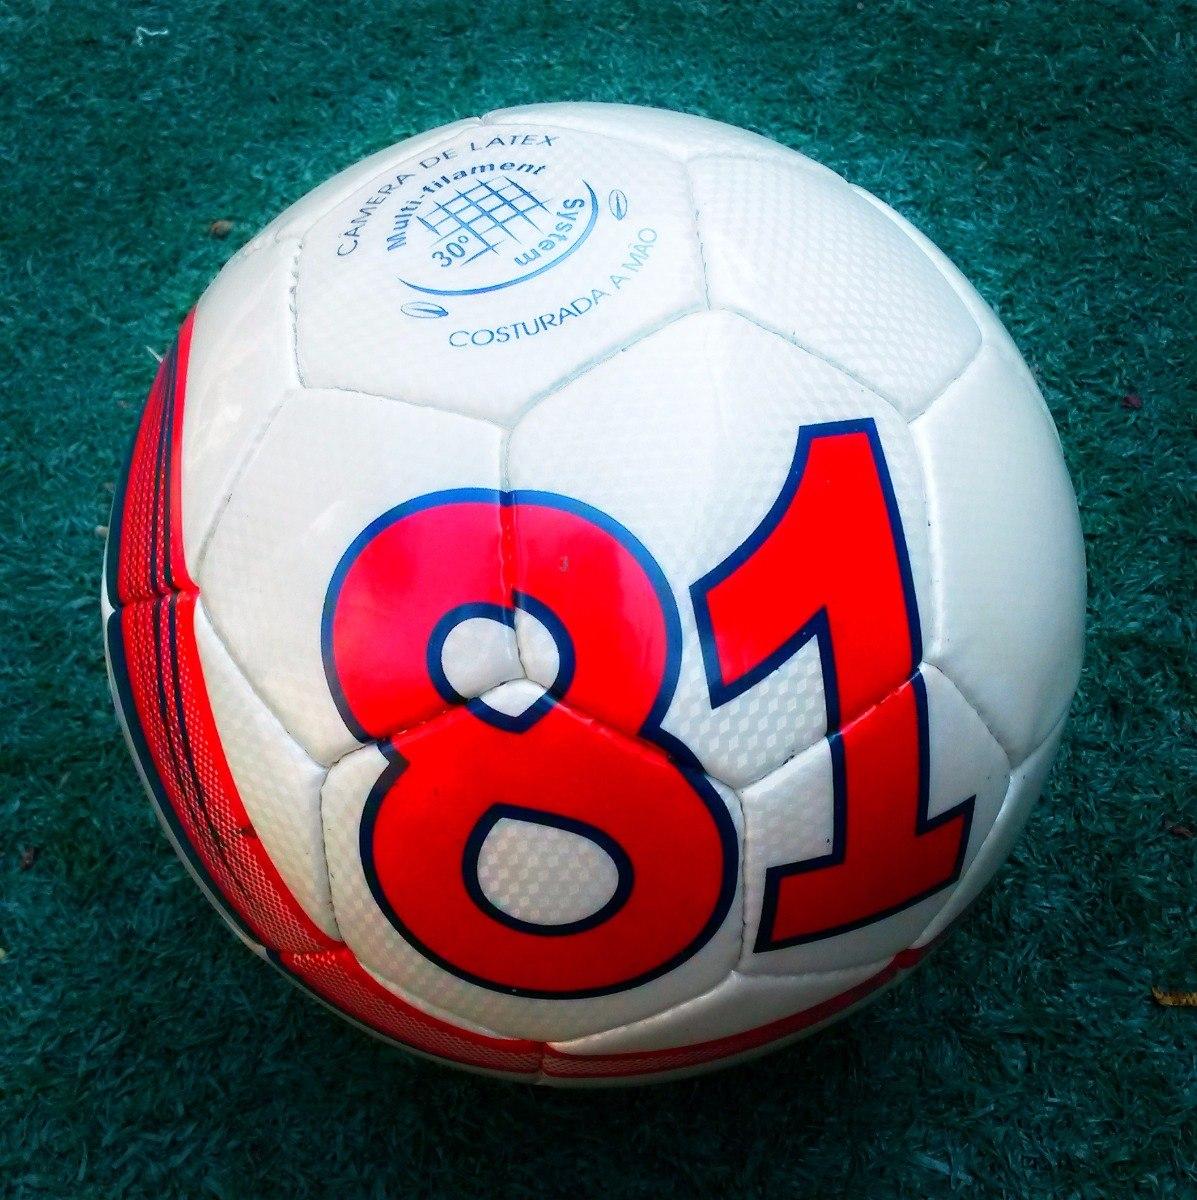 f80351e87fbbb 2 bolas oficial futebol society goal maker 81 cost.am br. Carregando zoom.